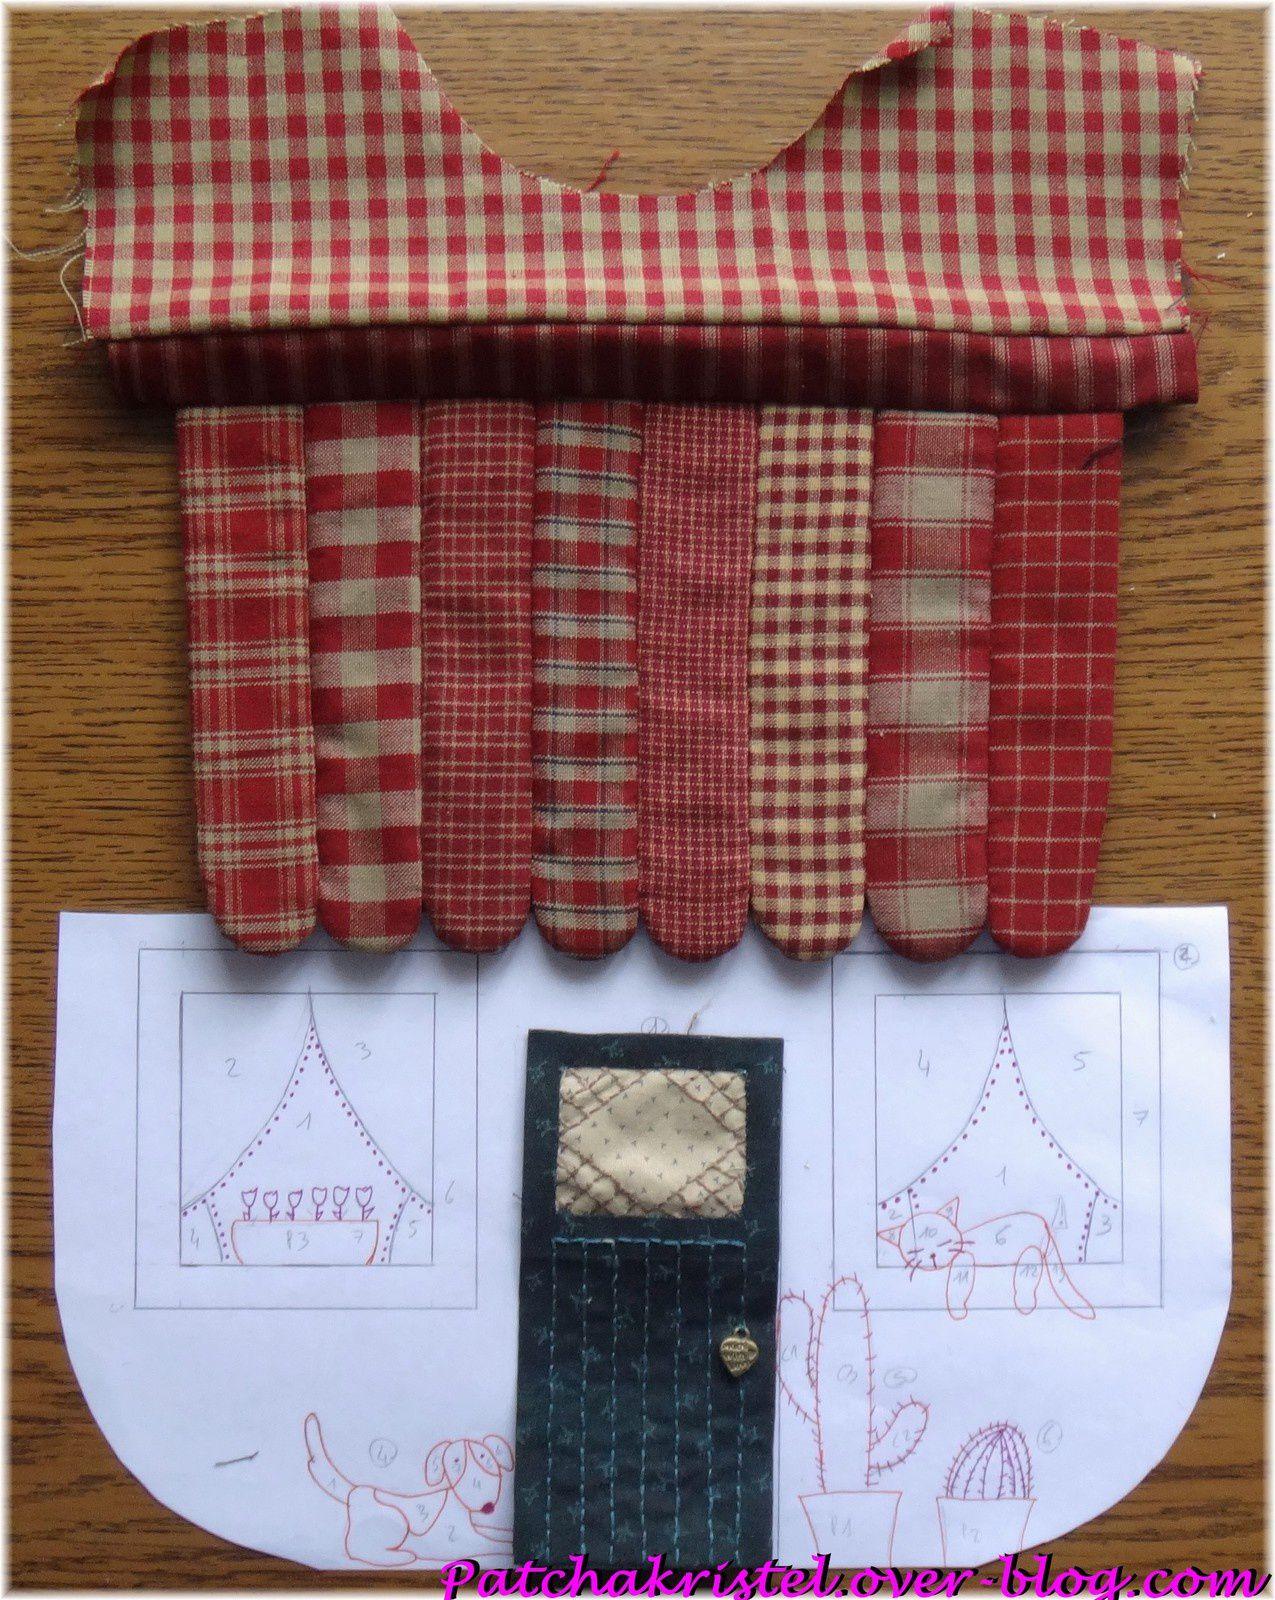 Quilt House - la casita de Carol by Patchakristel - maison sac patchwork applique - toit et porte